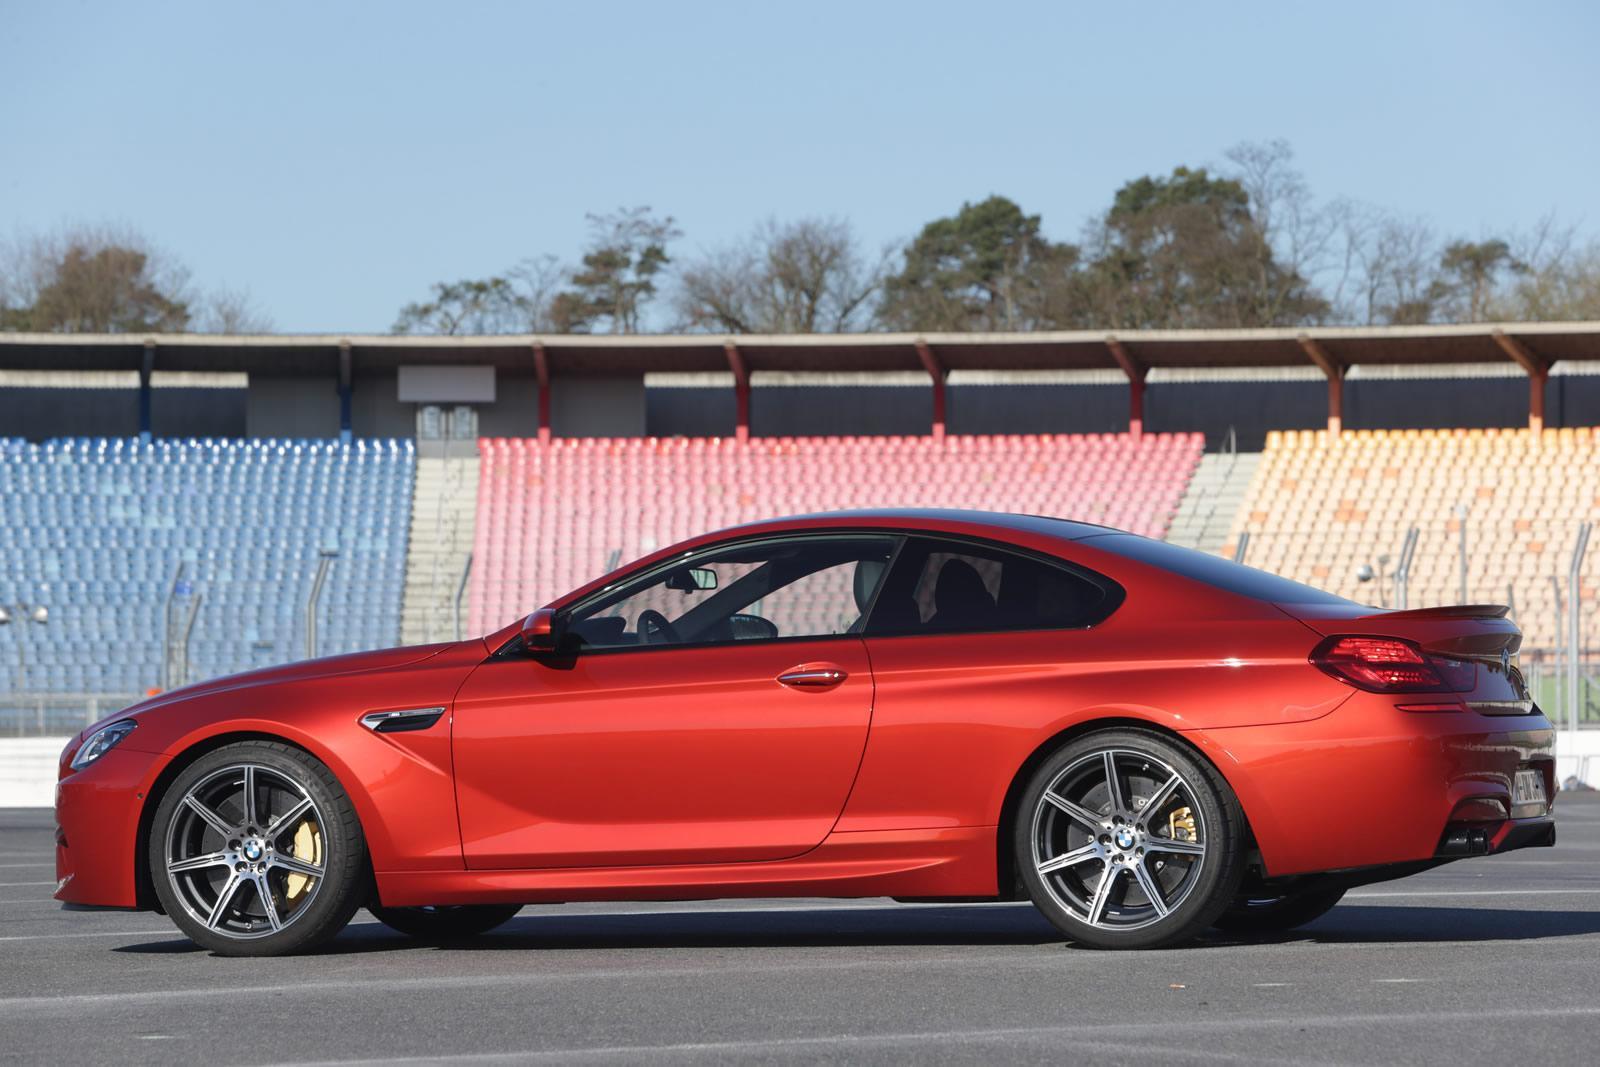 http://images.caradisiac.com/images/6/7/9/3/86793/S0-Nouvelles-BMW-M5-et-M6-Competition-Package-15-ch-293898.jpg